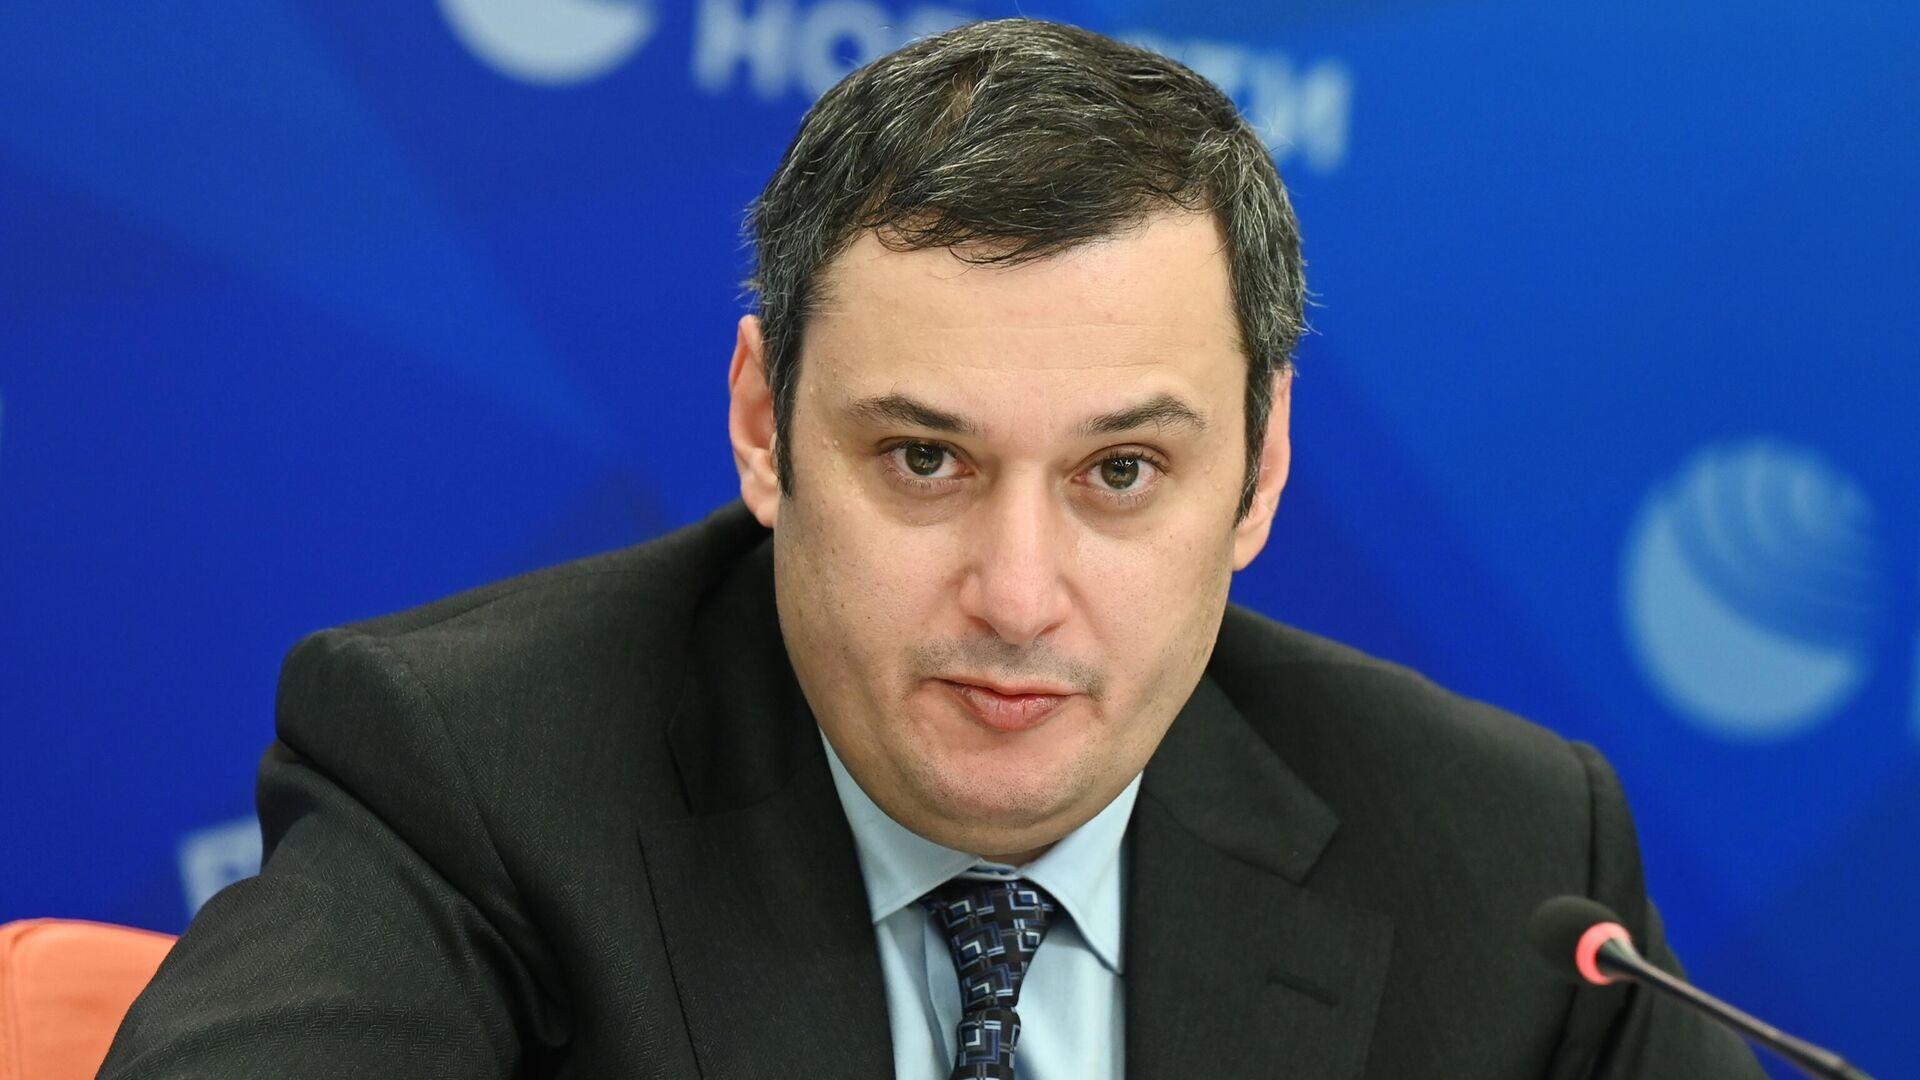 Депутат Хинштейн объяснил резкие высказывания о полицейских